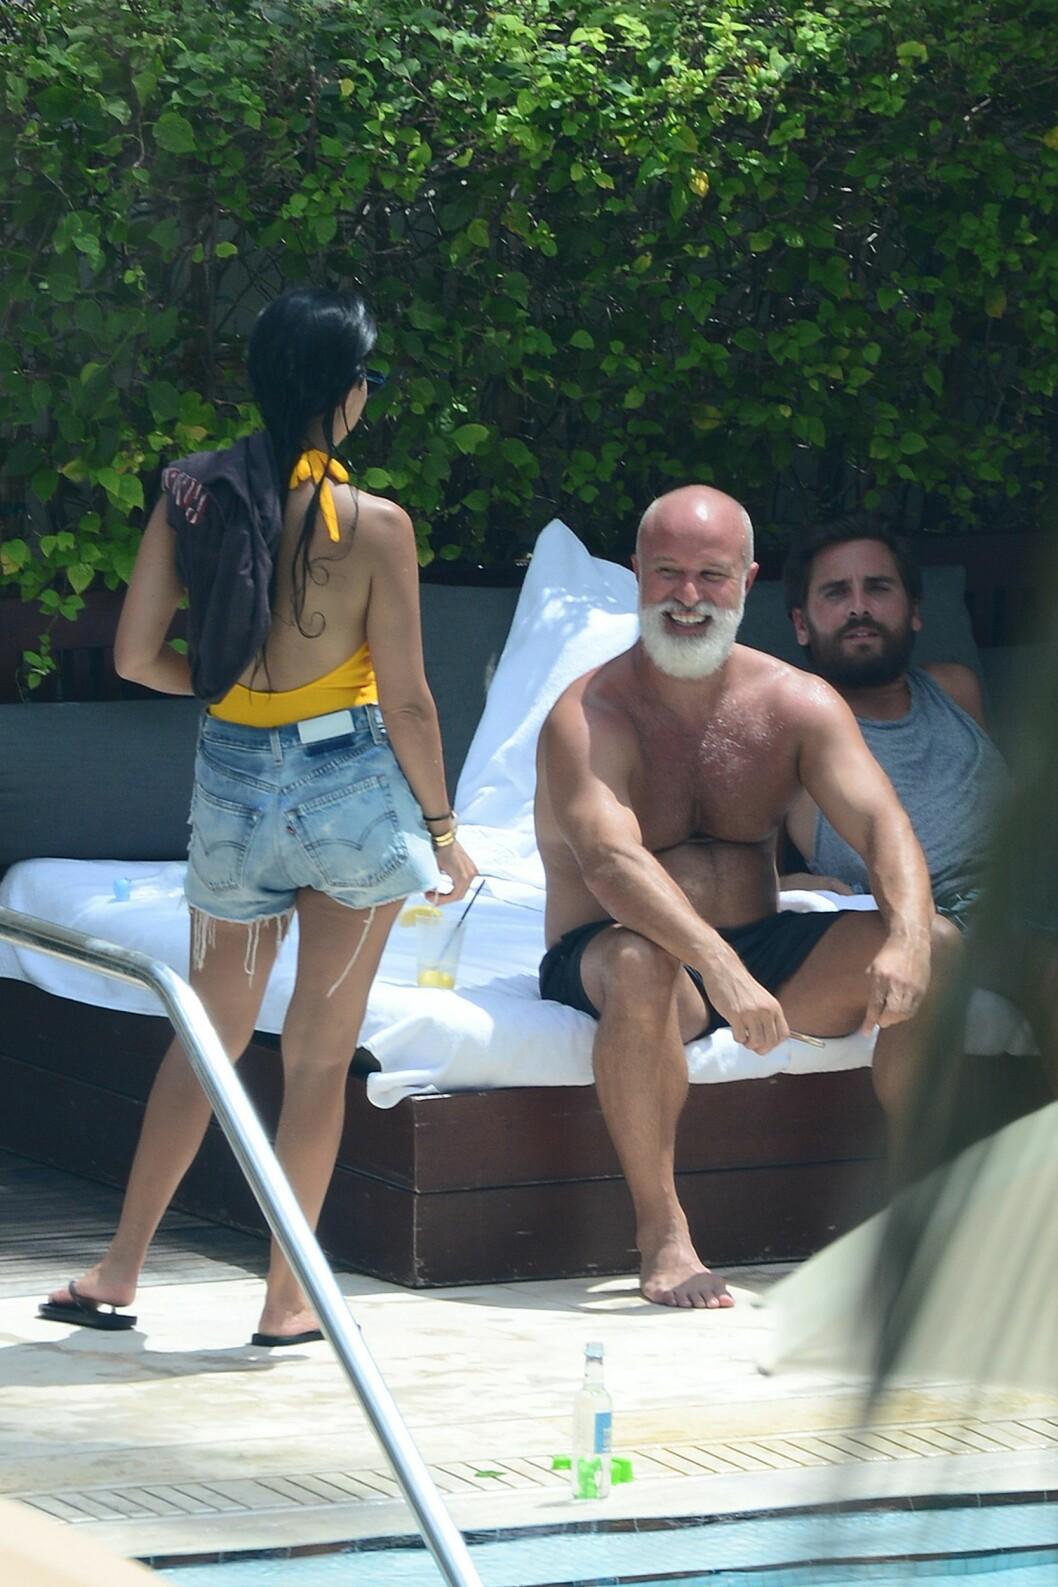 PÅ TUR MED EKSEN: Kourtney Kardashian er opptatt av å ha et godt forhold til eks-kjæresten Scott Disick (ytterst til høyre) av hensyn til deres tre barn. Foto: Xposure